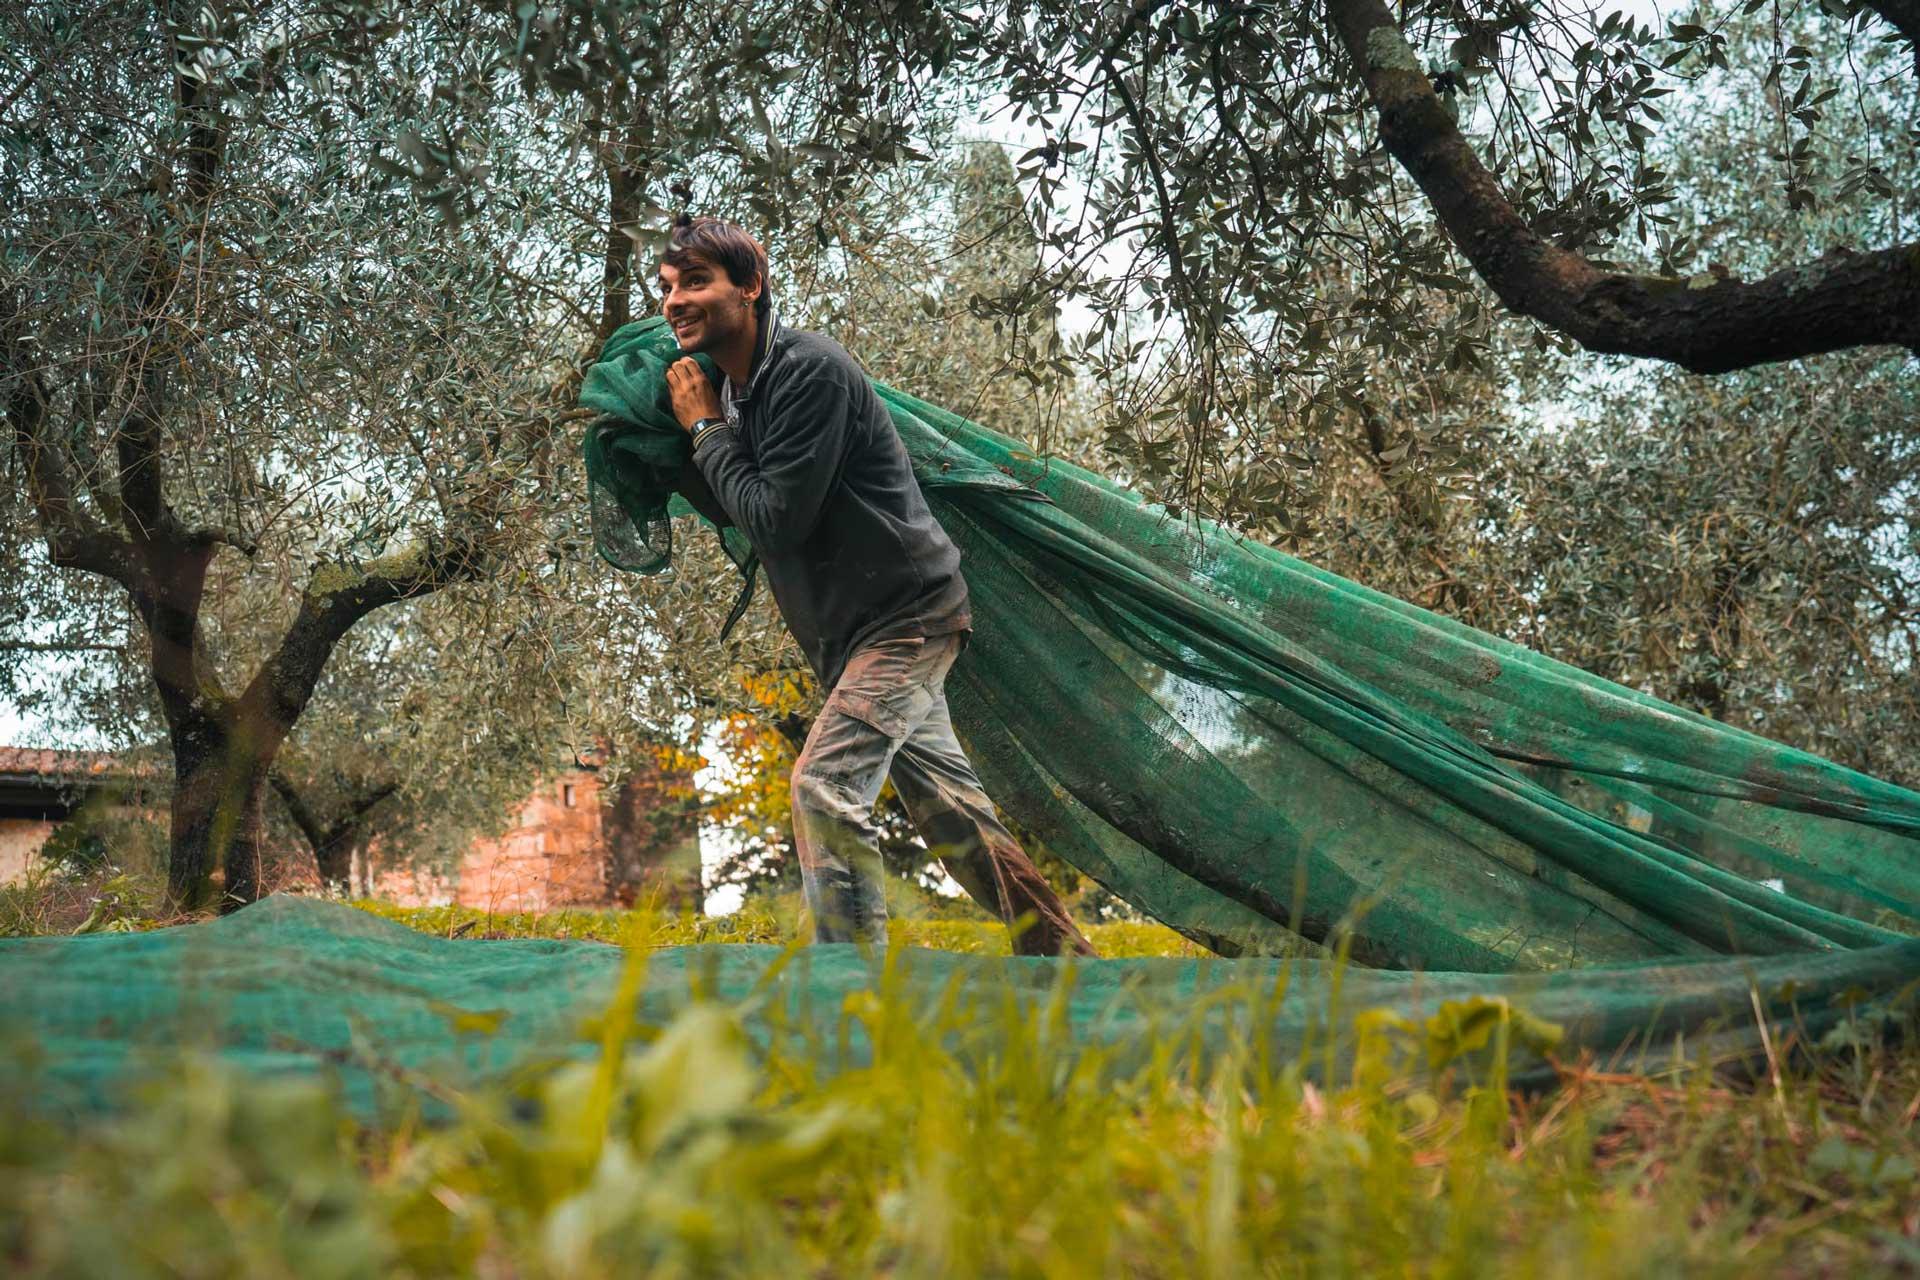 produzione olio extravergine d'oliva toscana